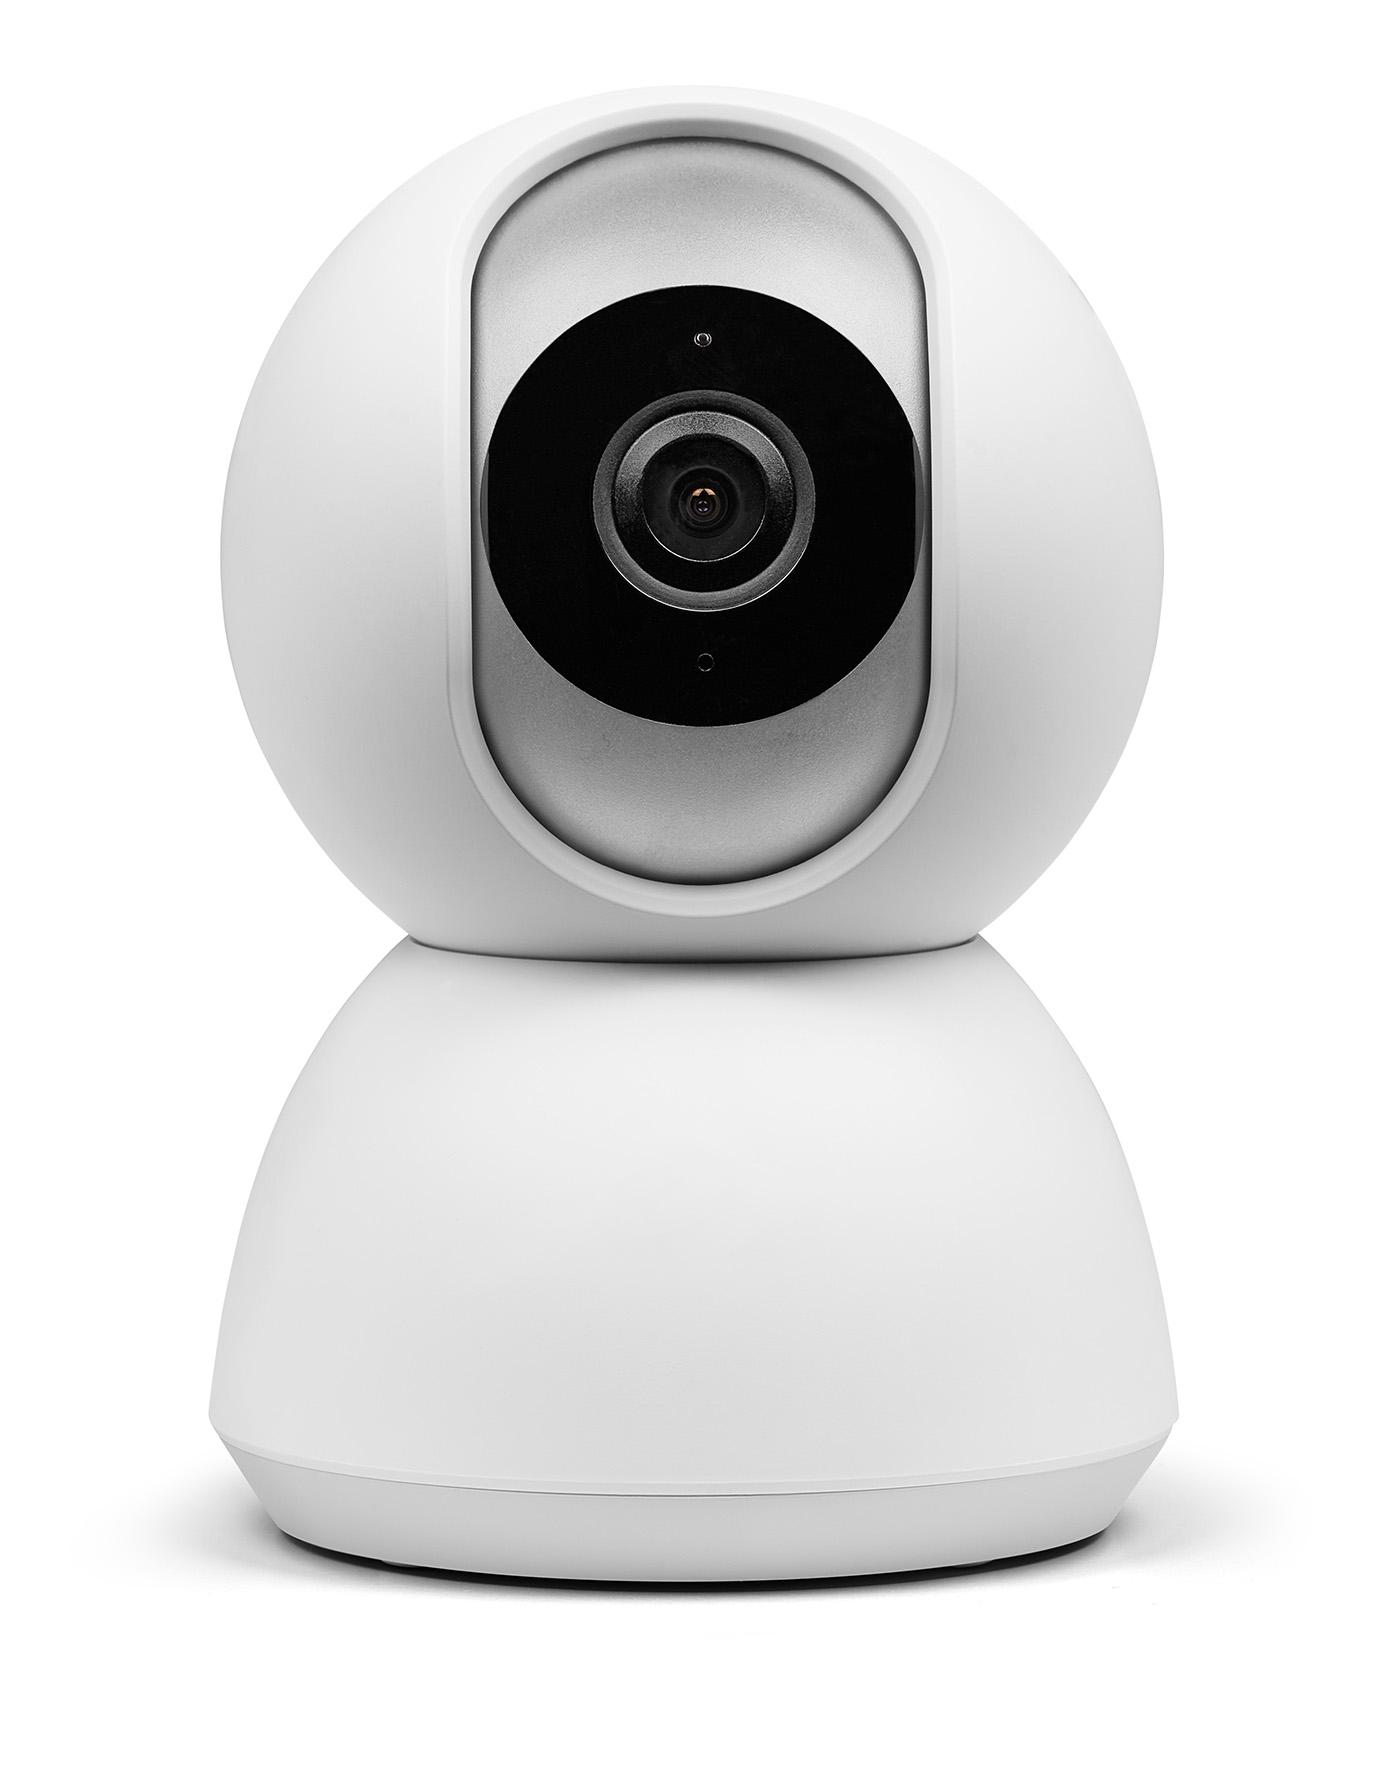 Life+: Medion zeigt Einsteiger-Smarthome mit Alexa-Unterstützung - Kamera von Medion Life+ (Bild: Medion)